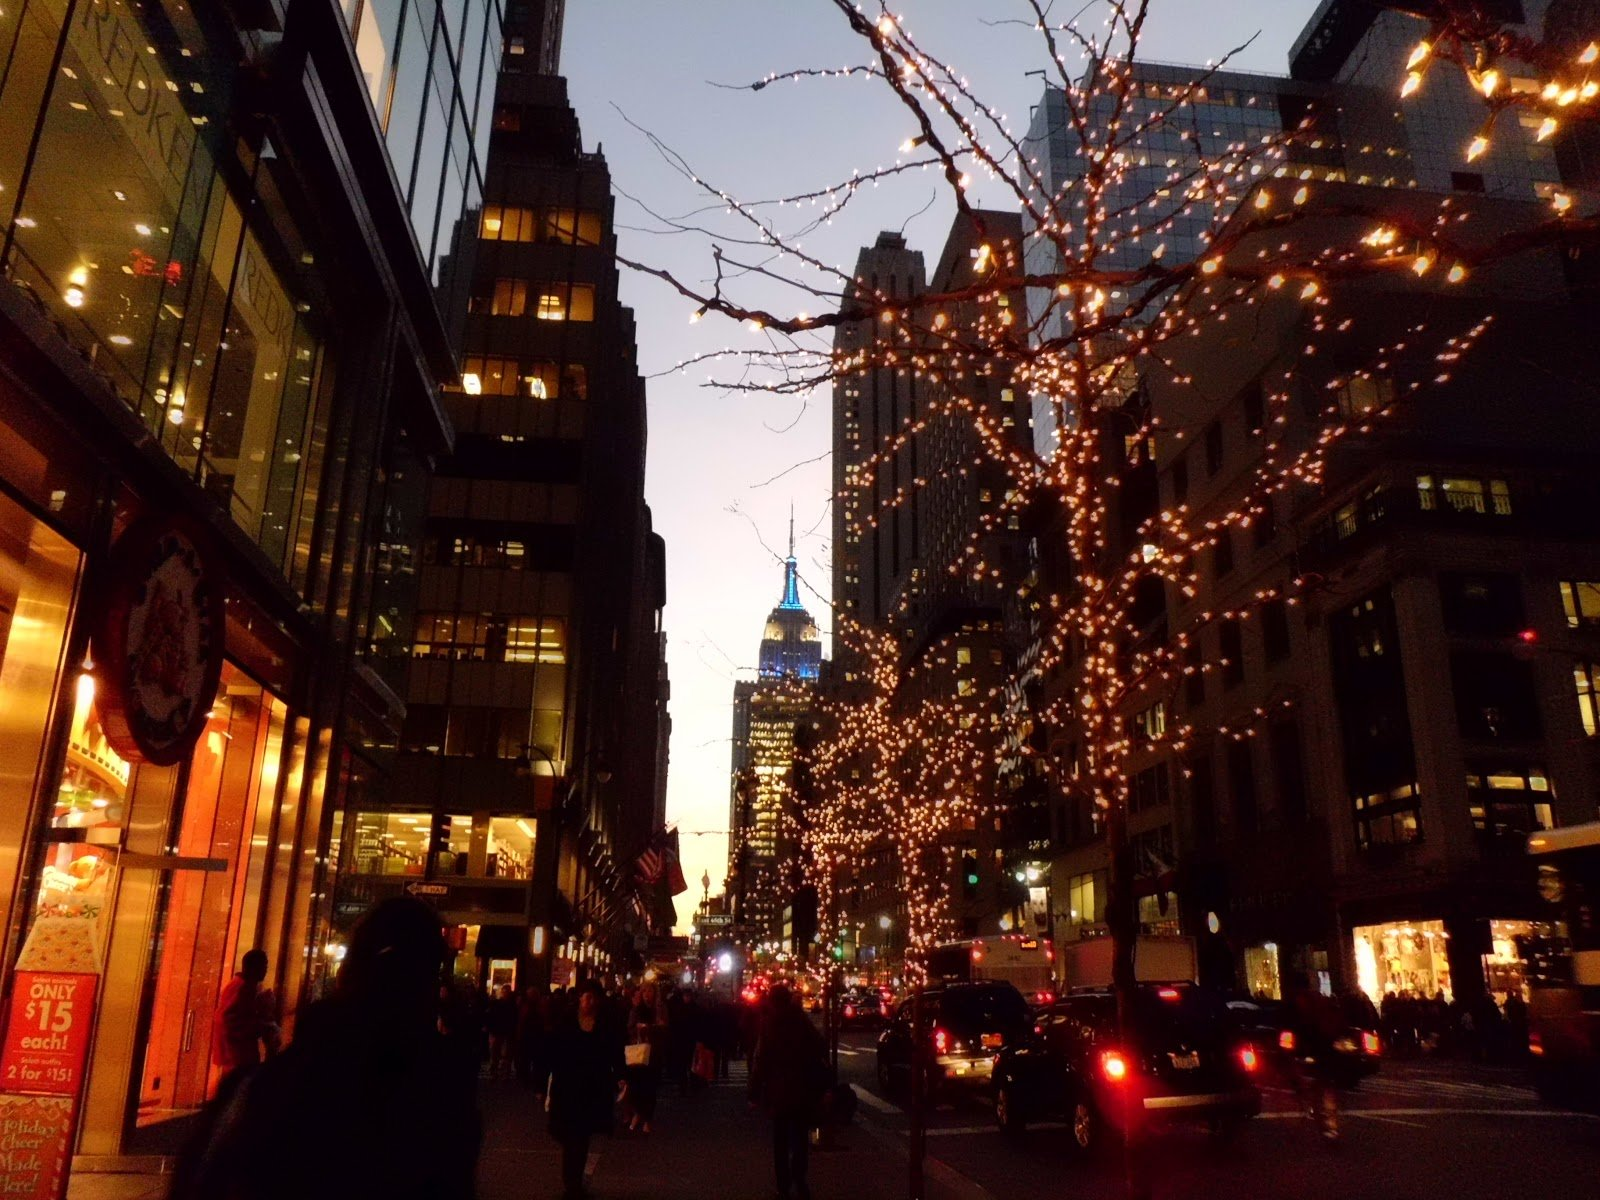 New York Christmas Wallpaper - WallpaperSafari